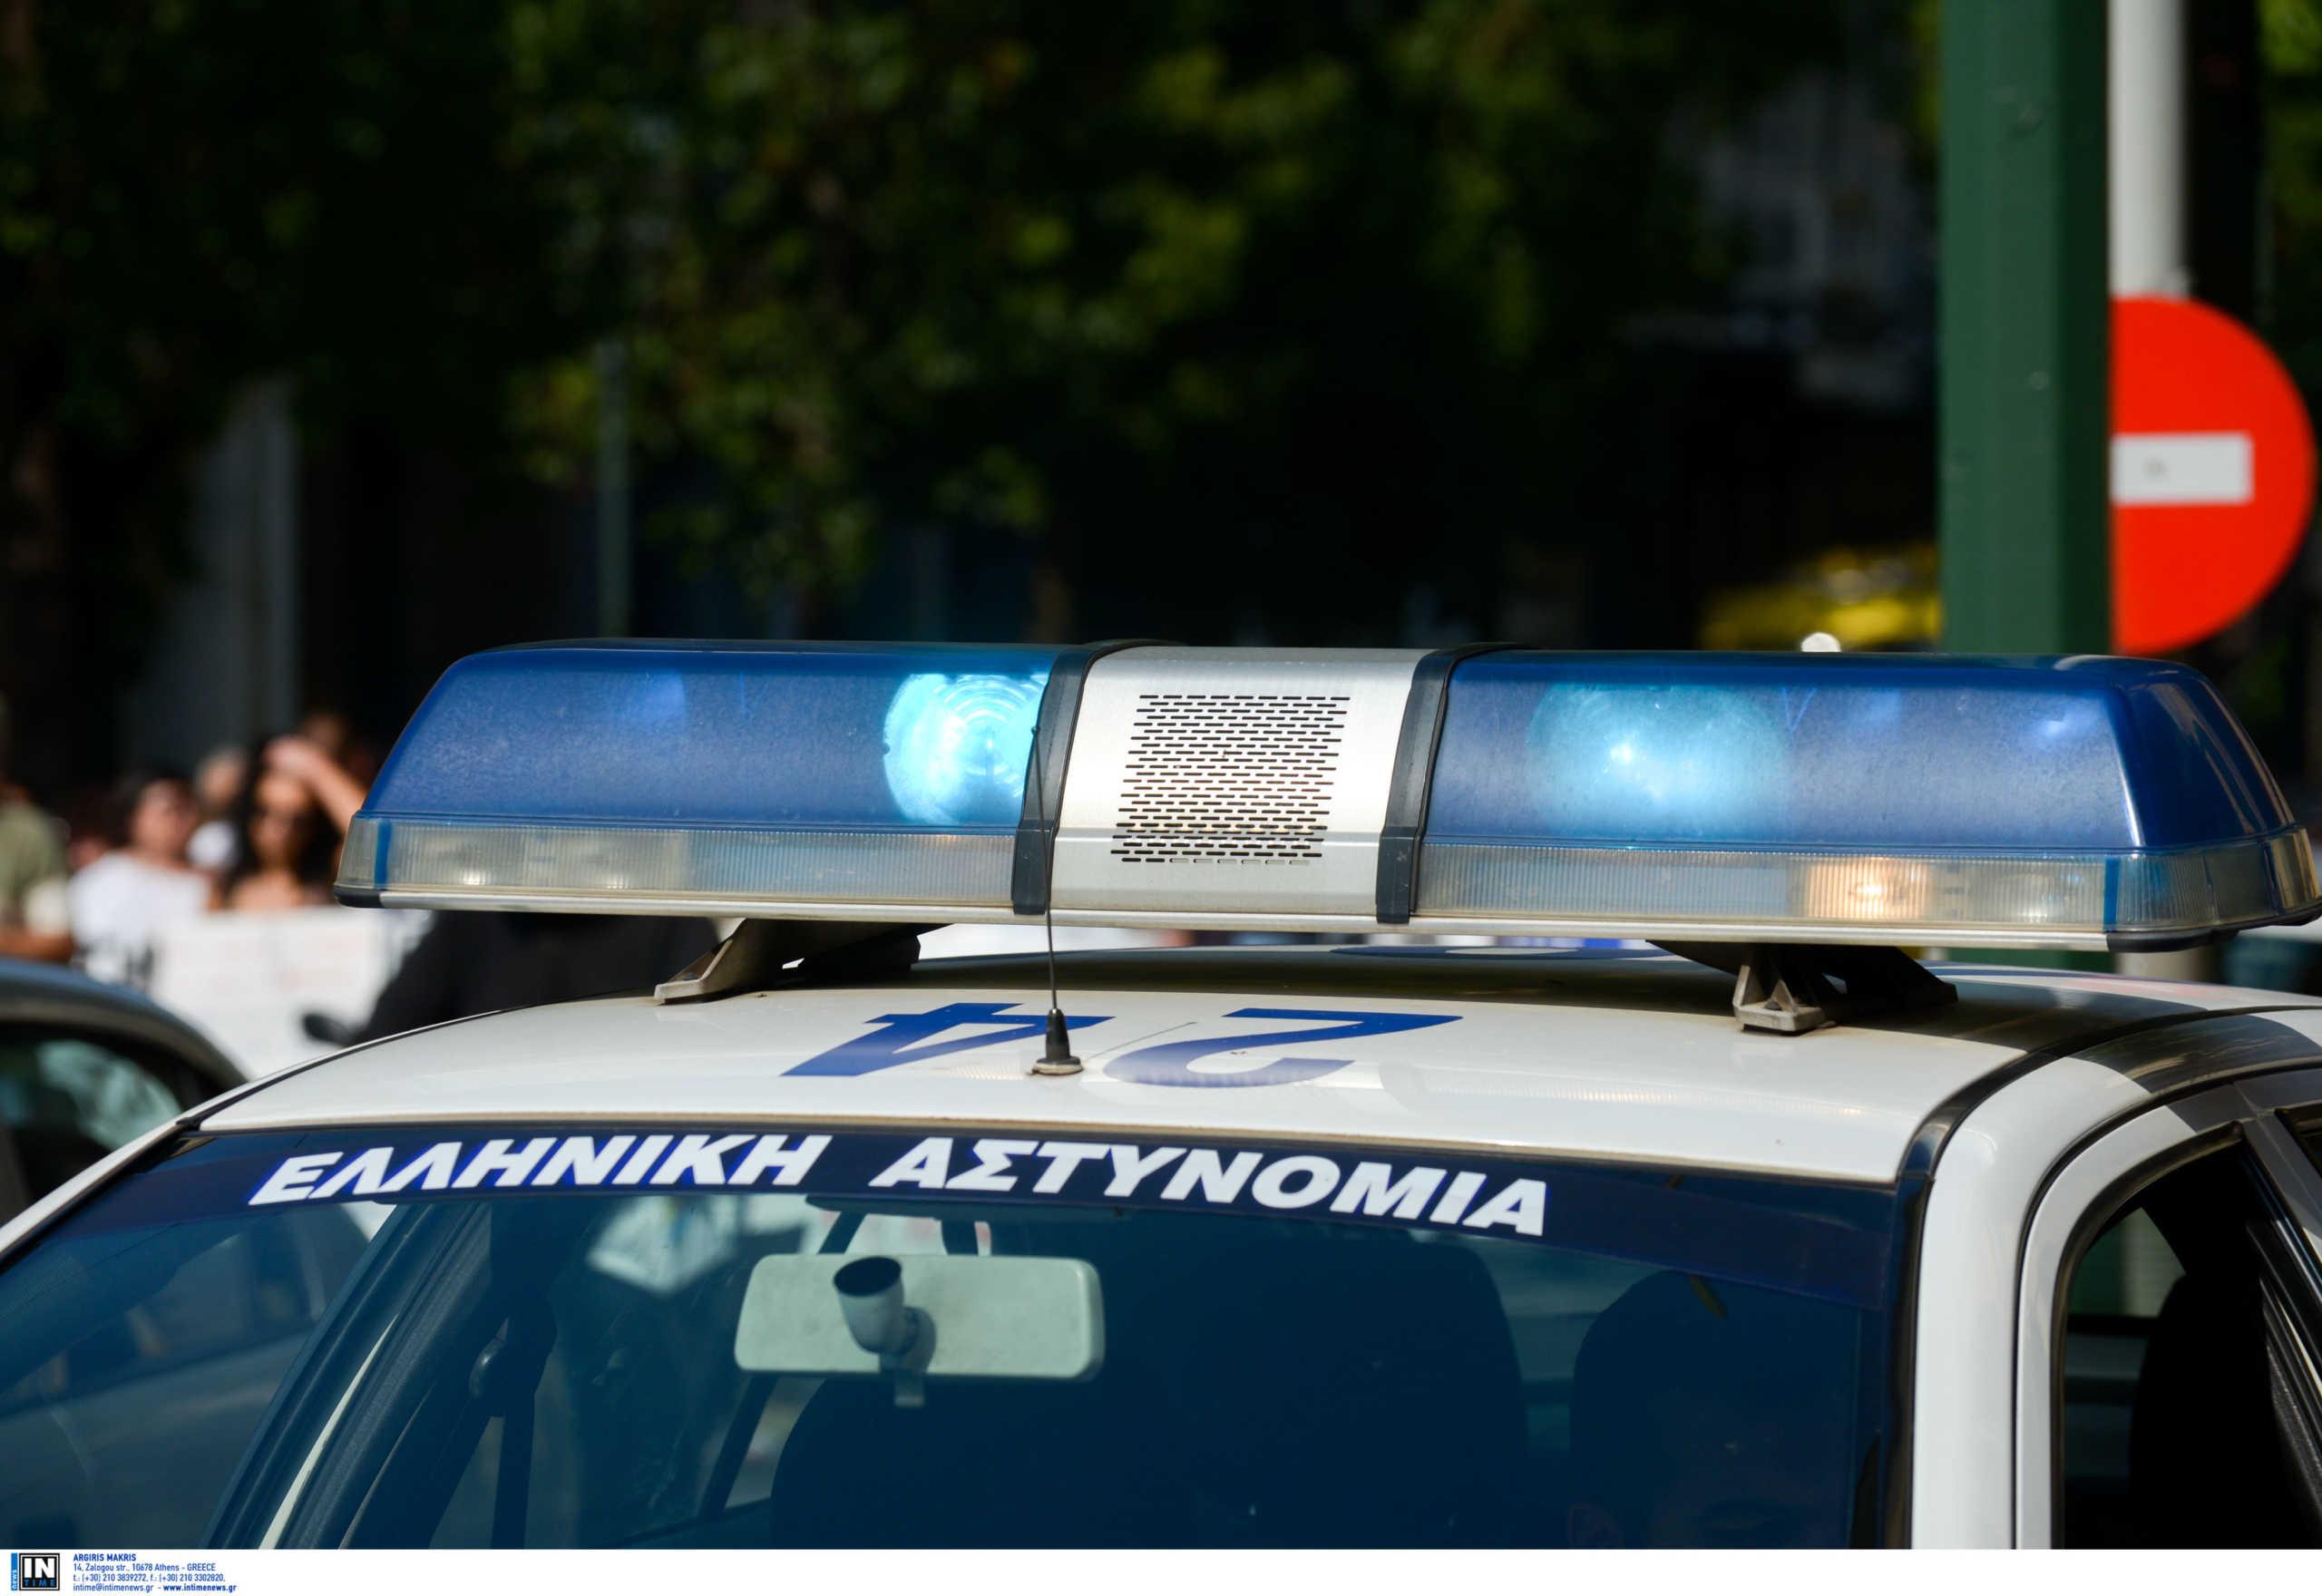 Θεσσαλονίκη: Συνελήφθη οδηγός αστικού λεωφορείου μετά από καταγγελία 16χρονης για  παρενόχληση